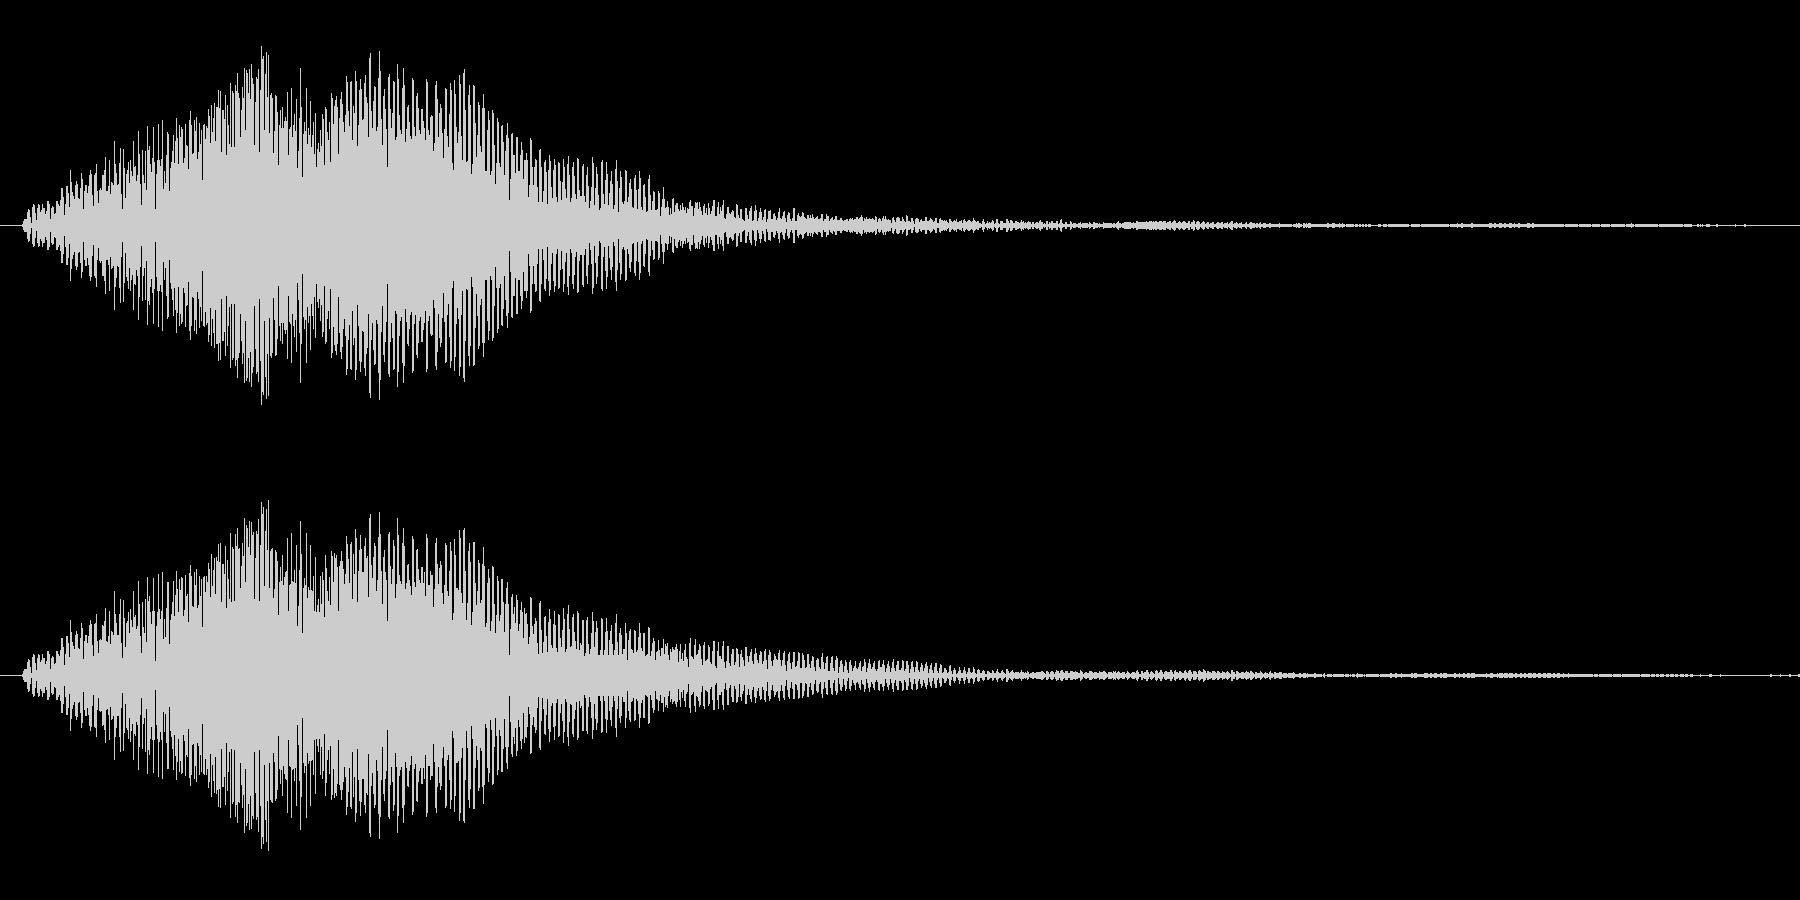 闇の魔法をイメージした効果音の未再生の波形